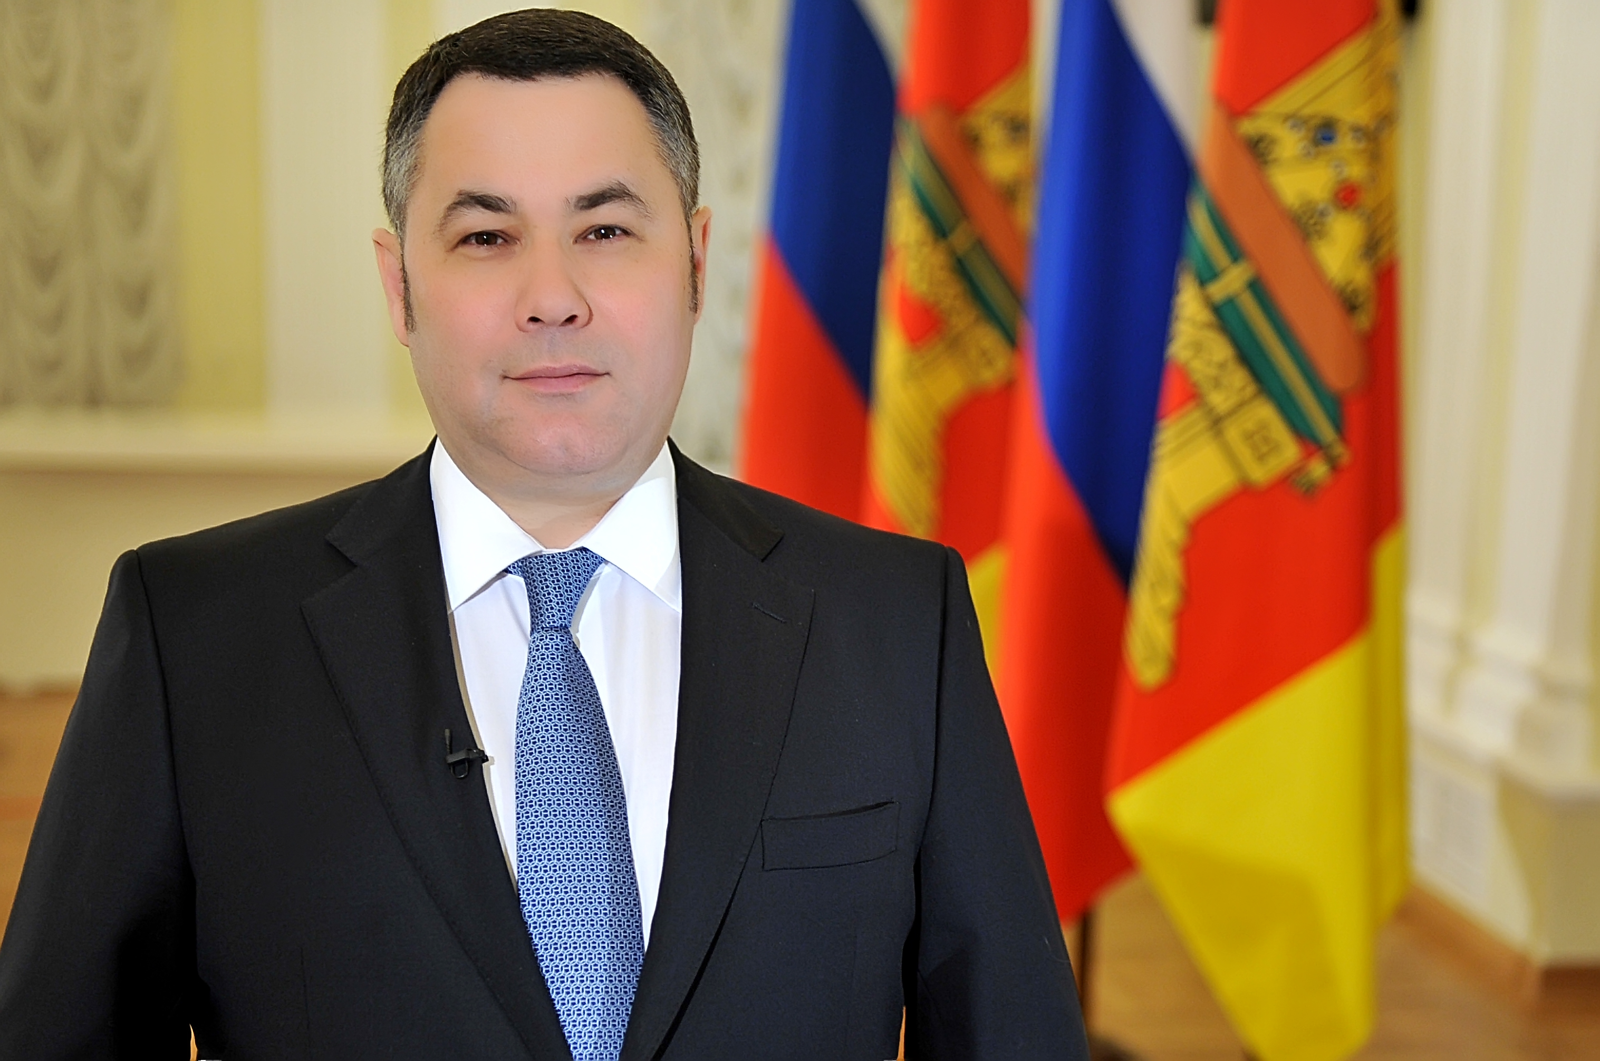 Игорь Руденя отмечен в рейтинге «Губернаторская повестка» в связи с переговорами по созданию машиностроительного кластера в Тверской области